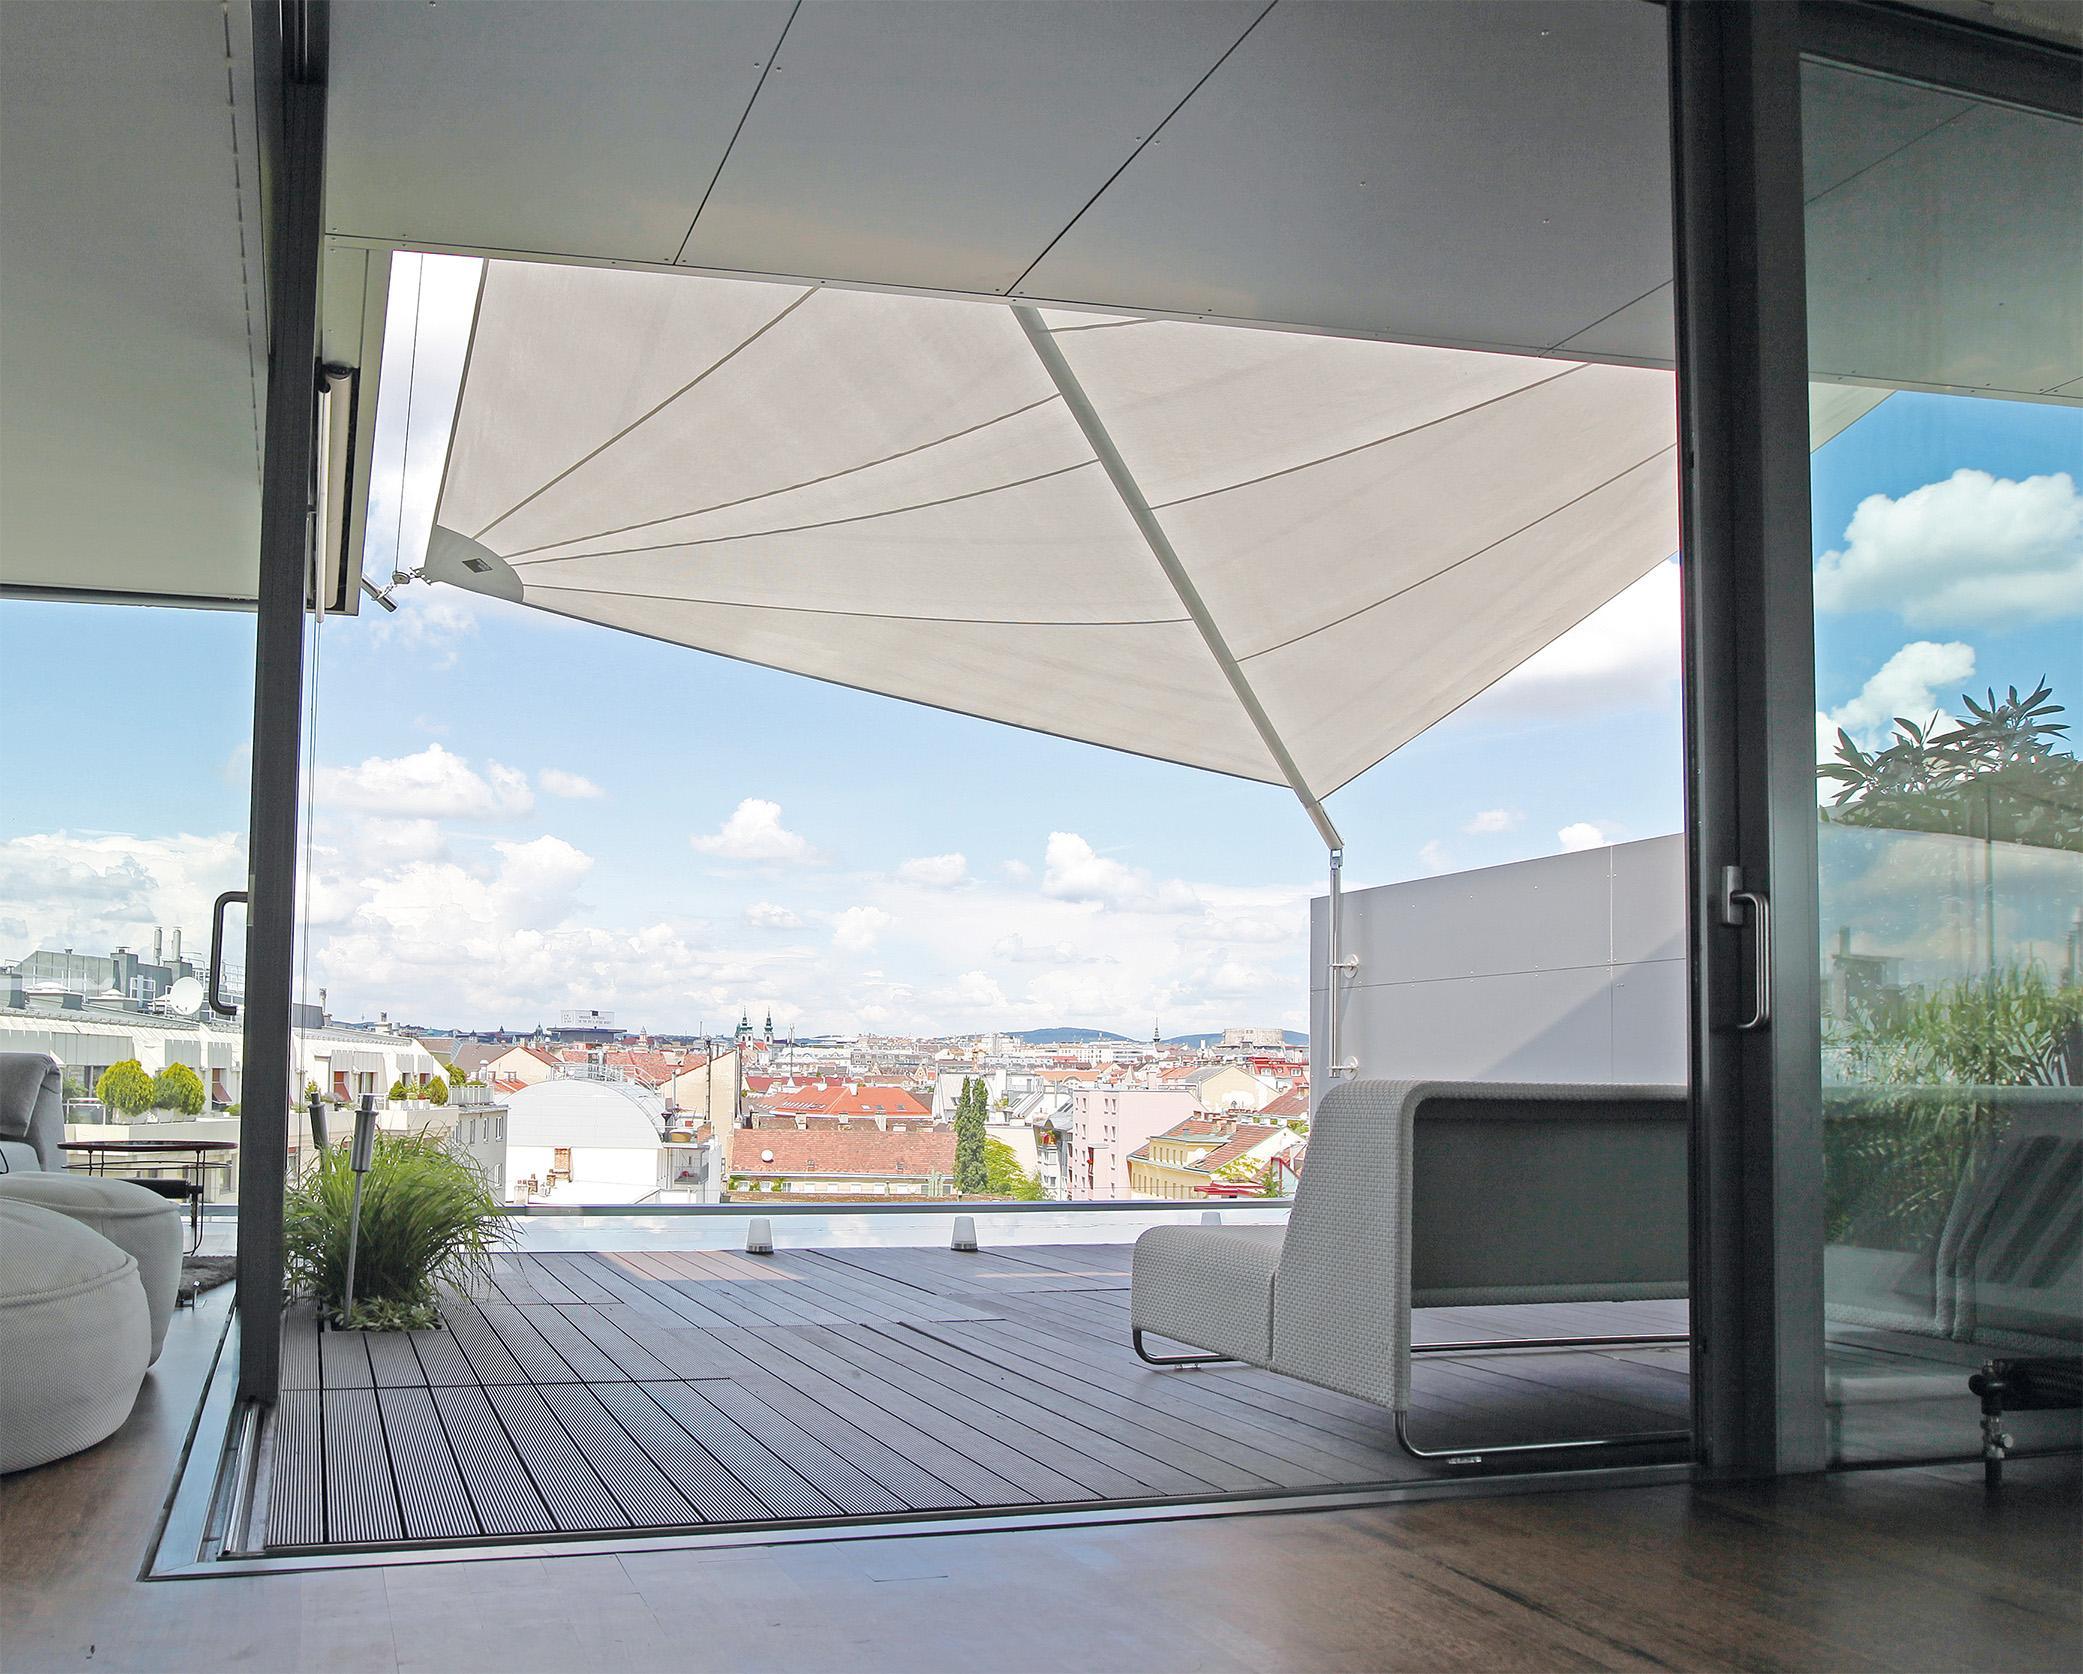 windschutz f r die terrasse bilder ideen couch. Black Bedroom Furniture Sets. Home Design Ideas